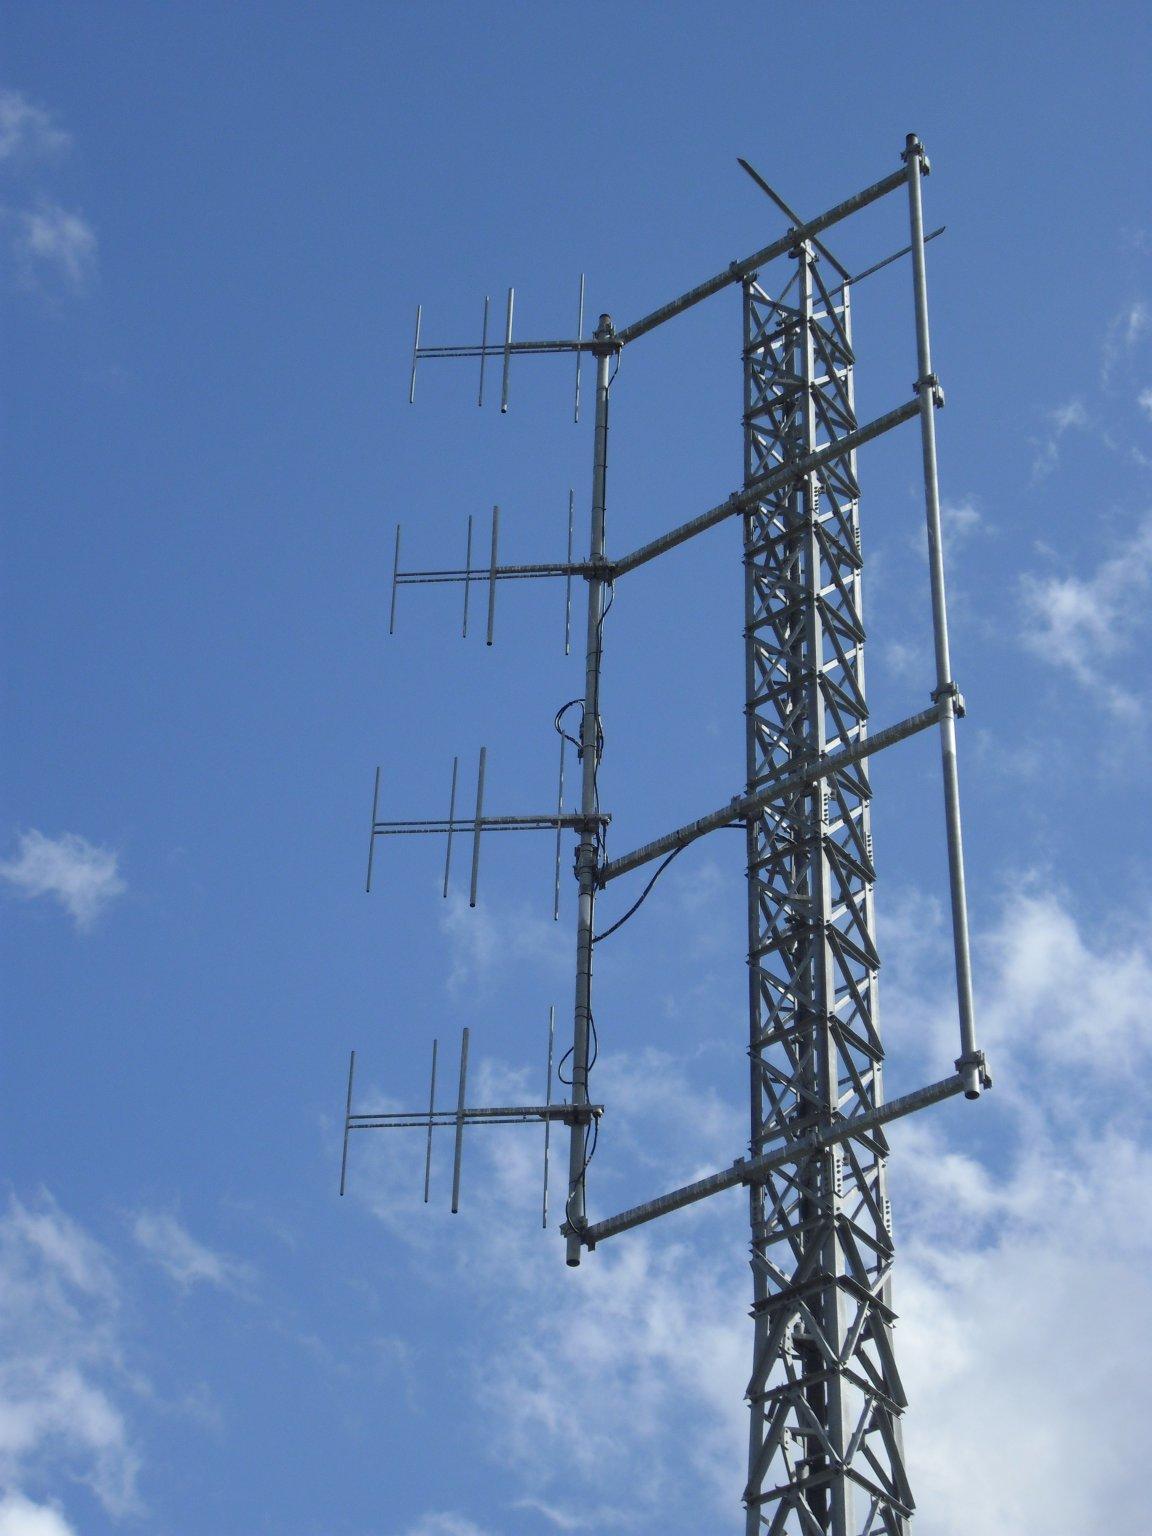 antenne20FM20direttive20320elementi - Pubblicità. Dati Nielsen: radio e tv trainano il settore dei media, anche se rallenta la crescita